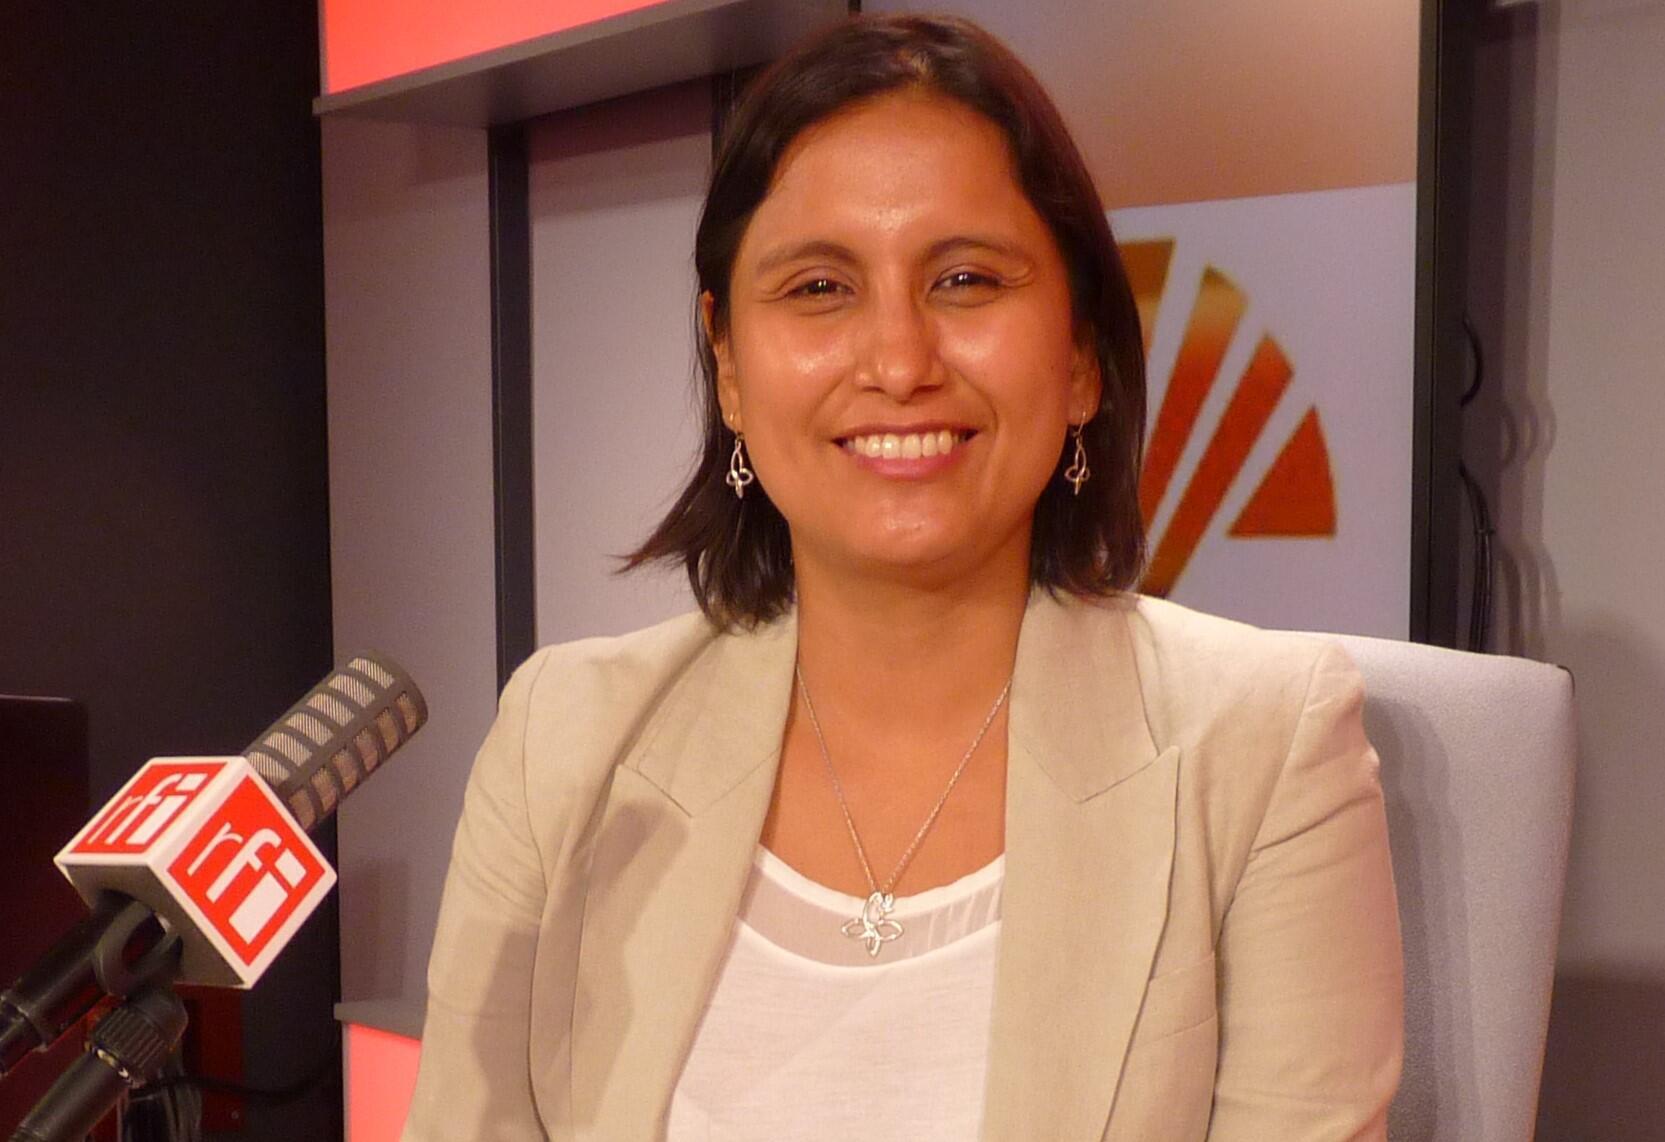 La investigadora y gestora cultural peruana Katherine Díaz Cervantes en RFI